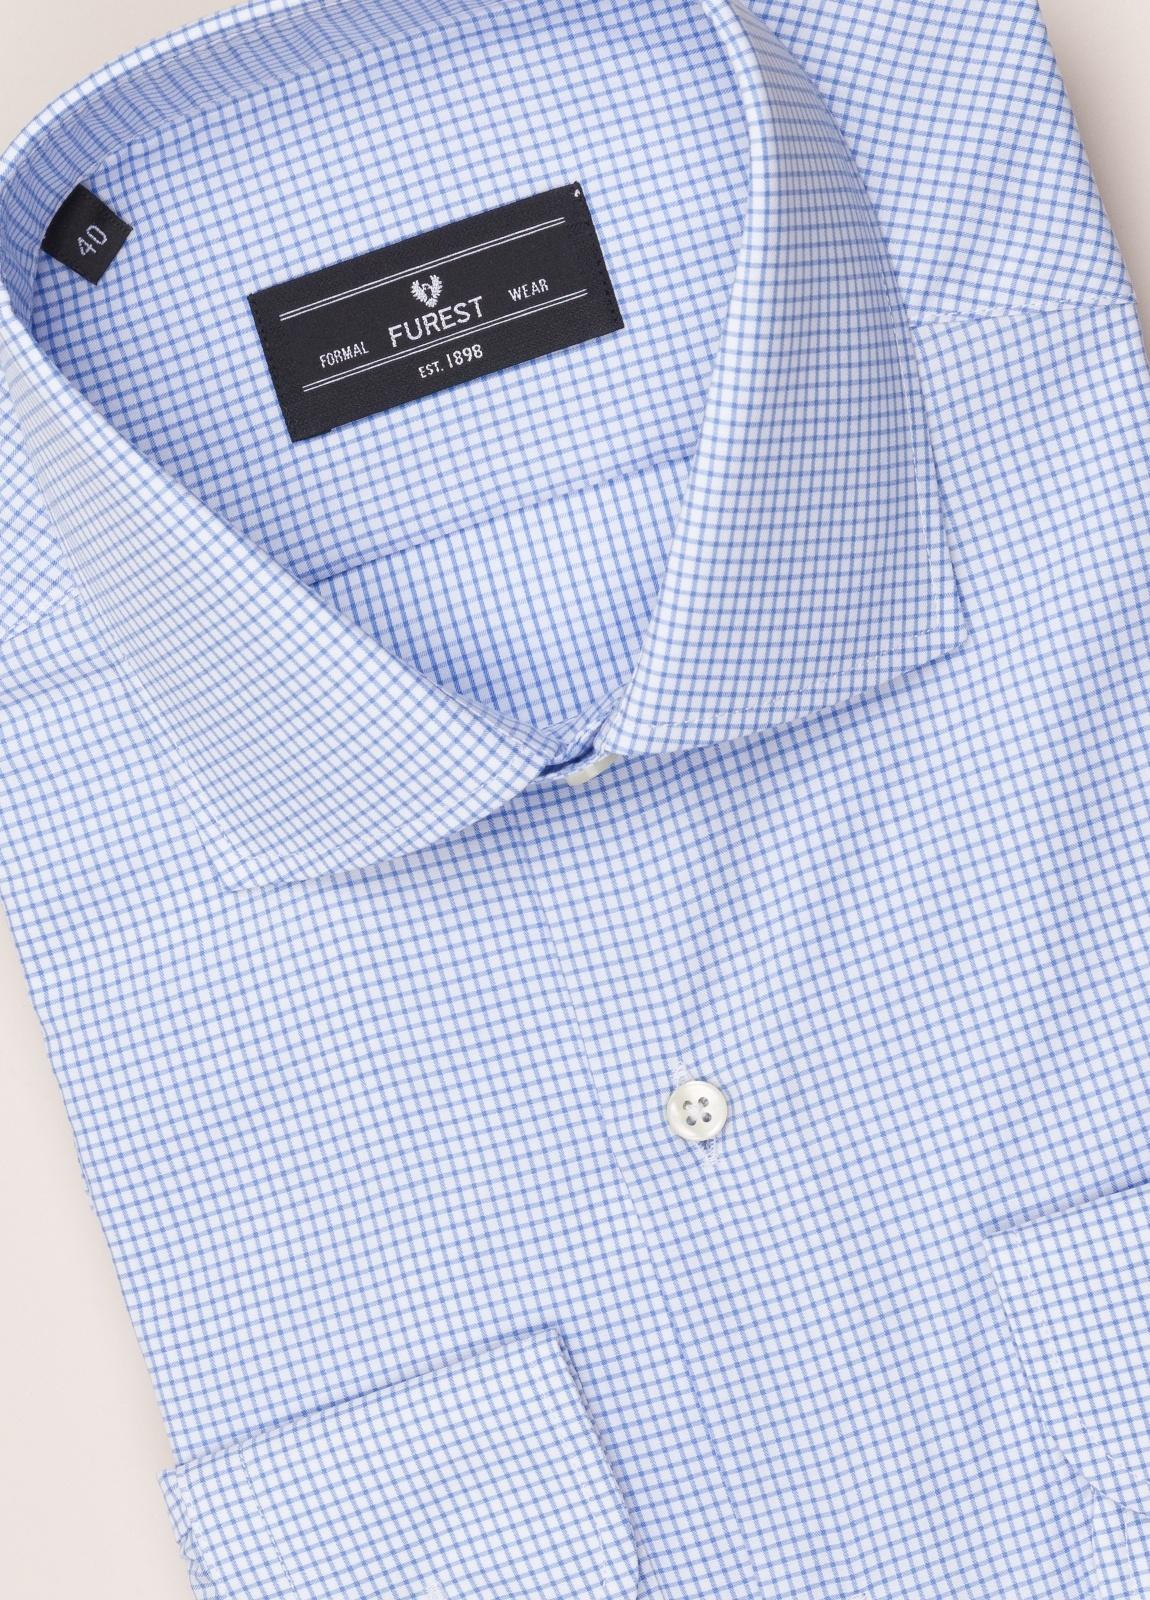 Camisa vestir FUREST COLECCIÓN regular fit cuello italiano cuadro libreta azul - Ítem1